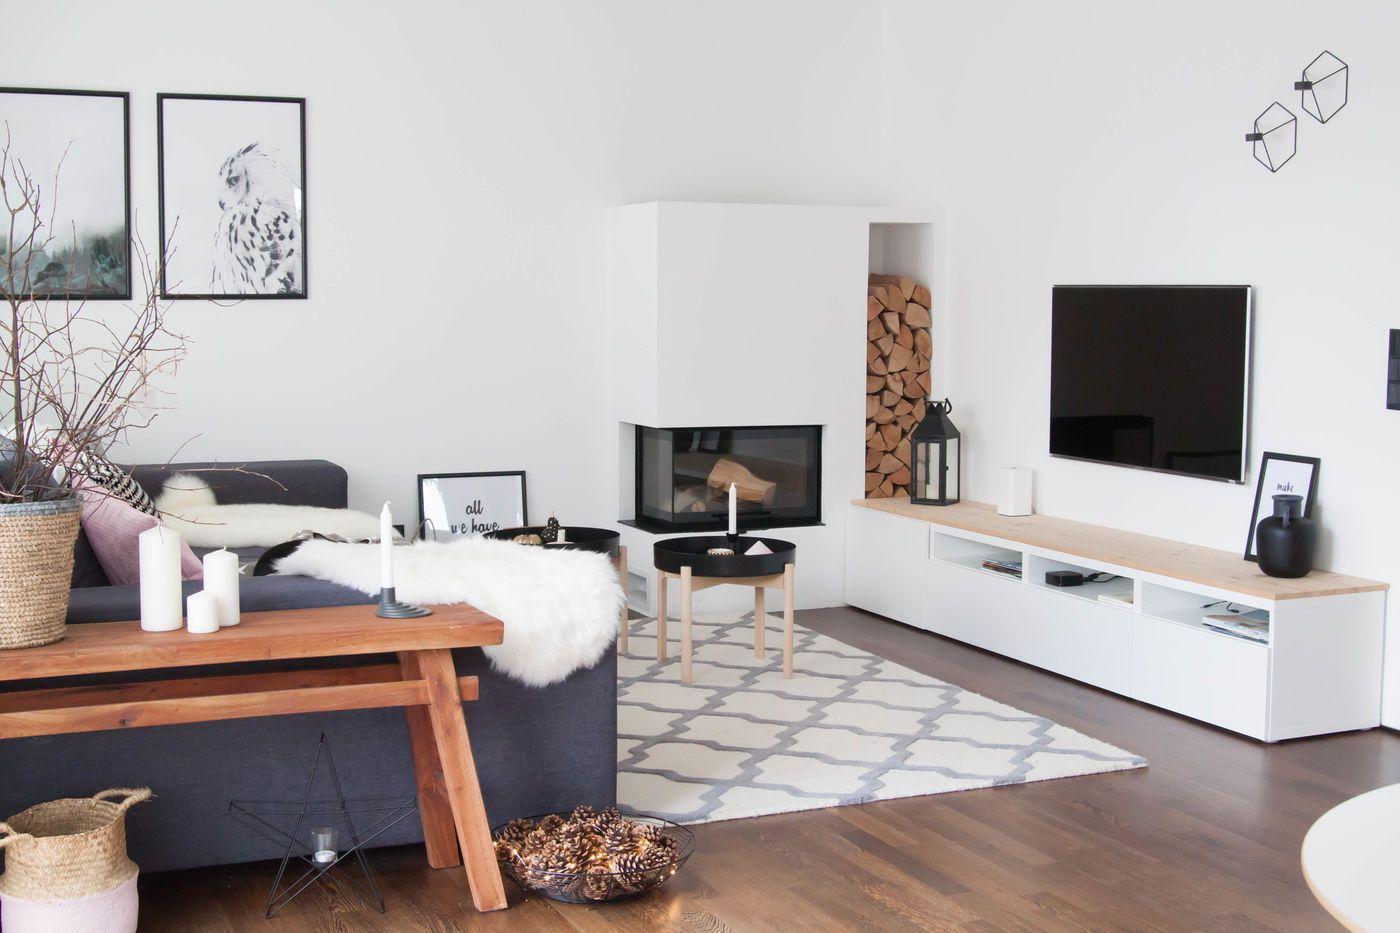 Schön Einrichtungstipps Wohnzimmer Das Beste Von Unser